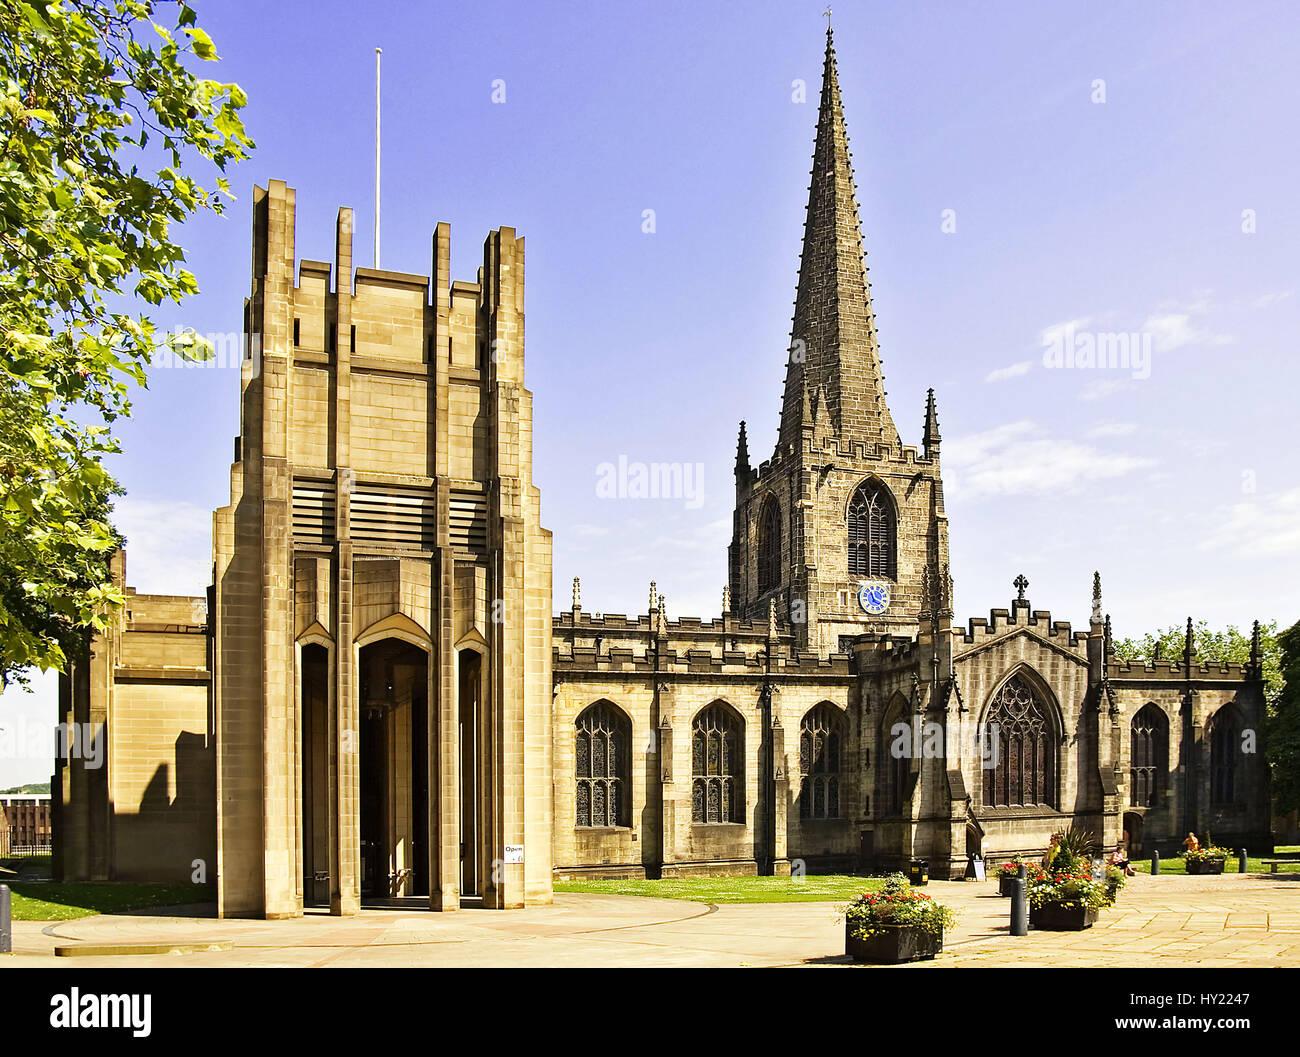 Die Sheffield Kathedrale ist eine in der Innenstadt Sheffields gelegene Kirche, die 1914 zur Kathedrale erhoben - Stock Image